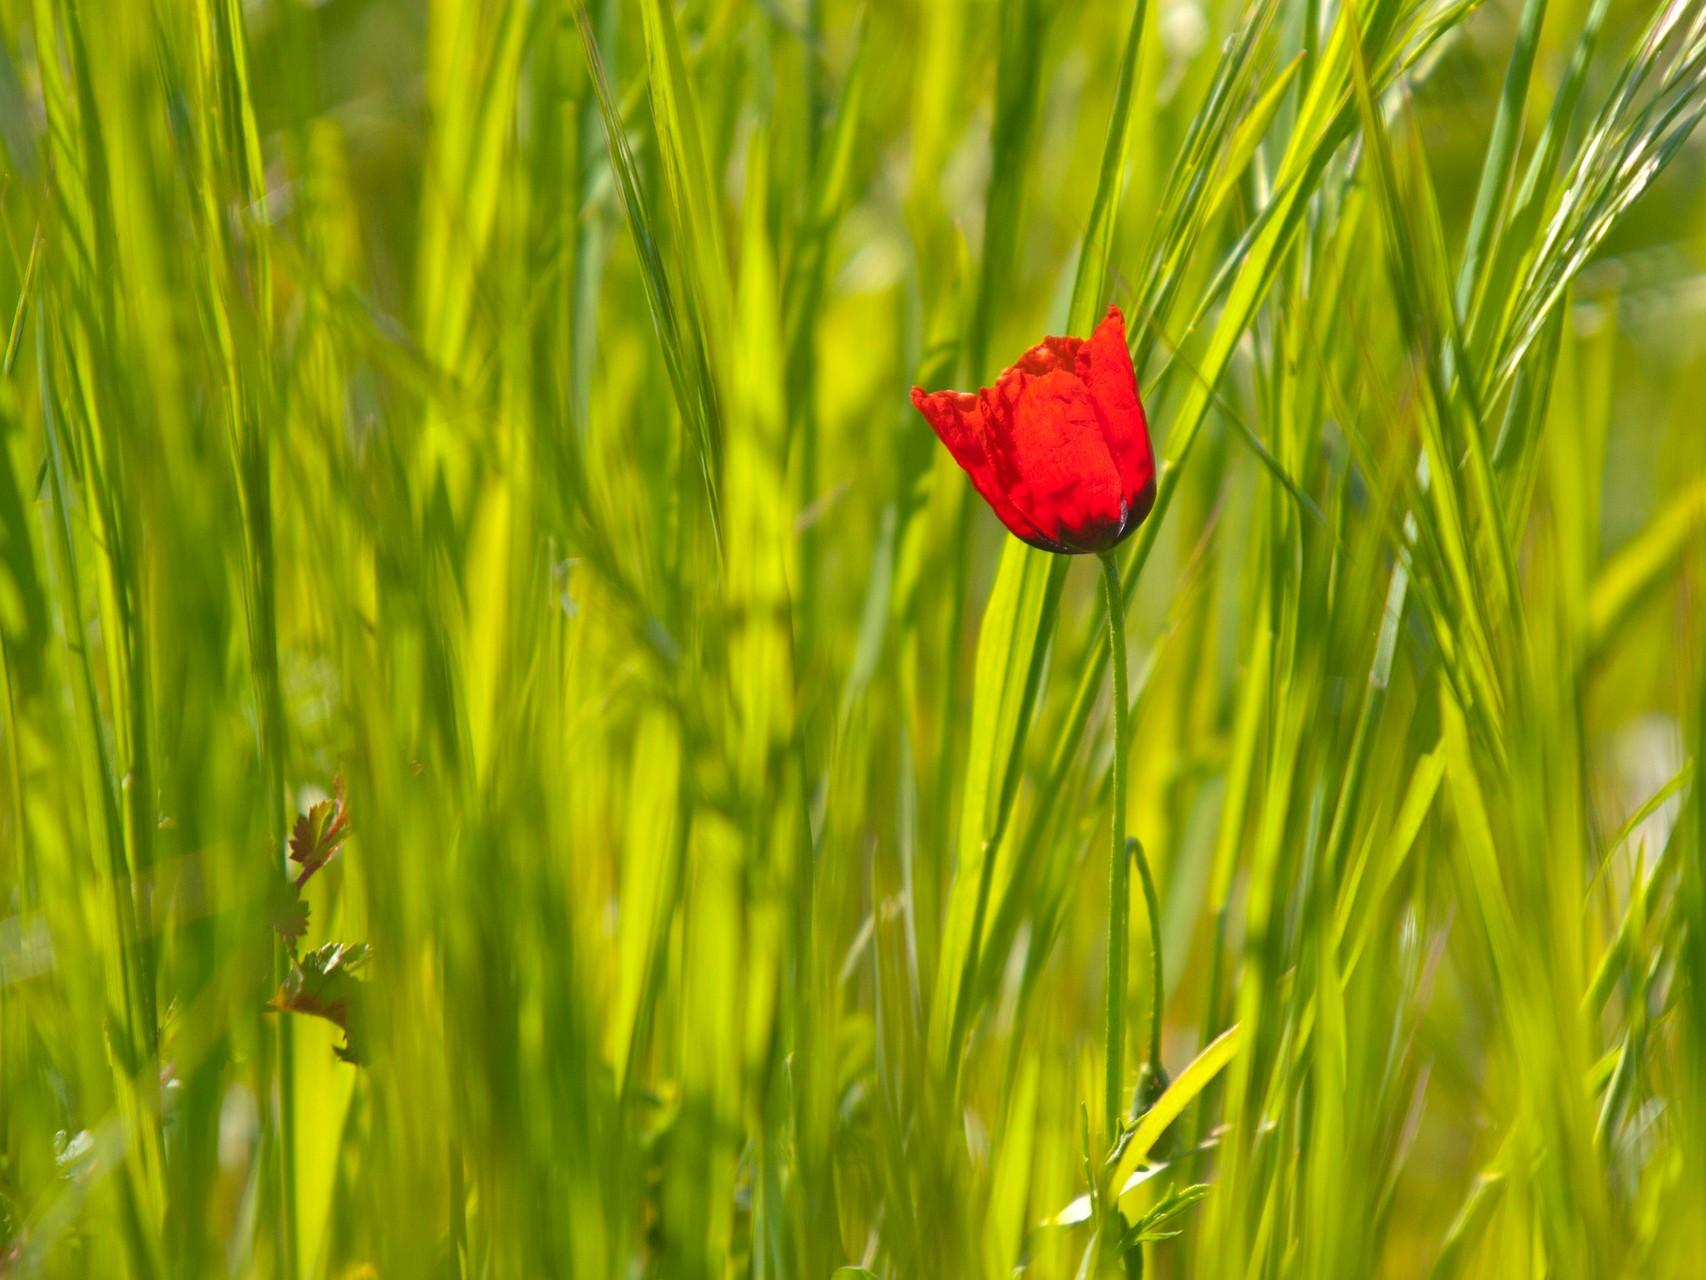 Mohnblüte im Getreidefeld. - Foto: Kathy Büscher